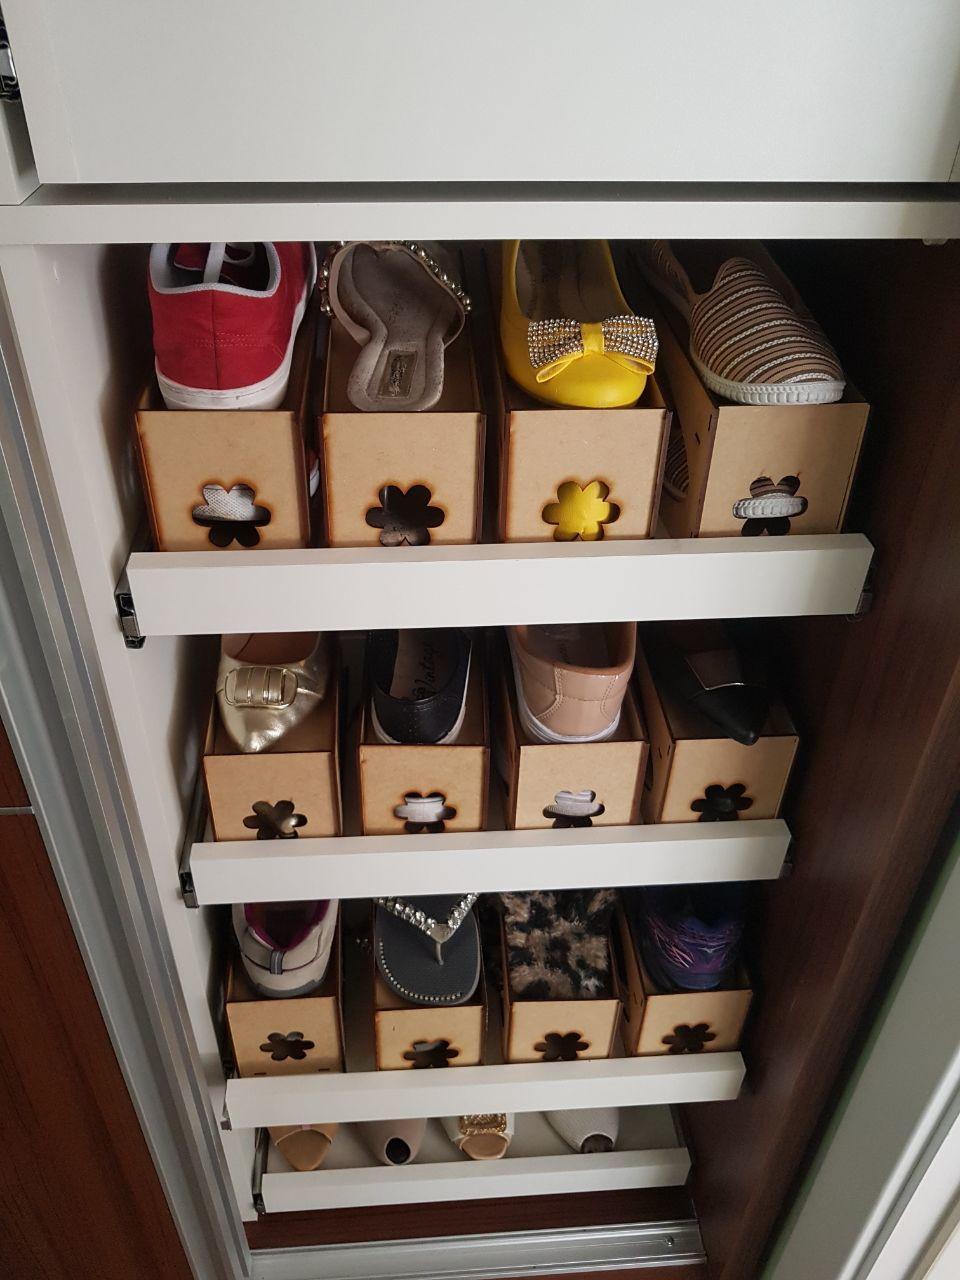 2fa804b97 Organizador de Sapato no Elo7 | BD Laser (C046EC)